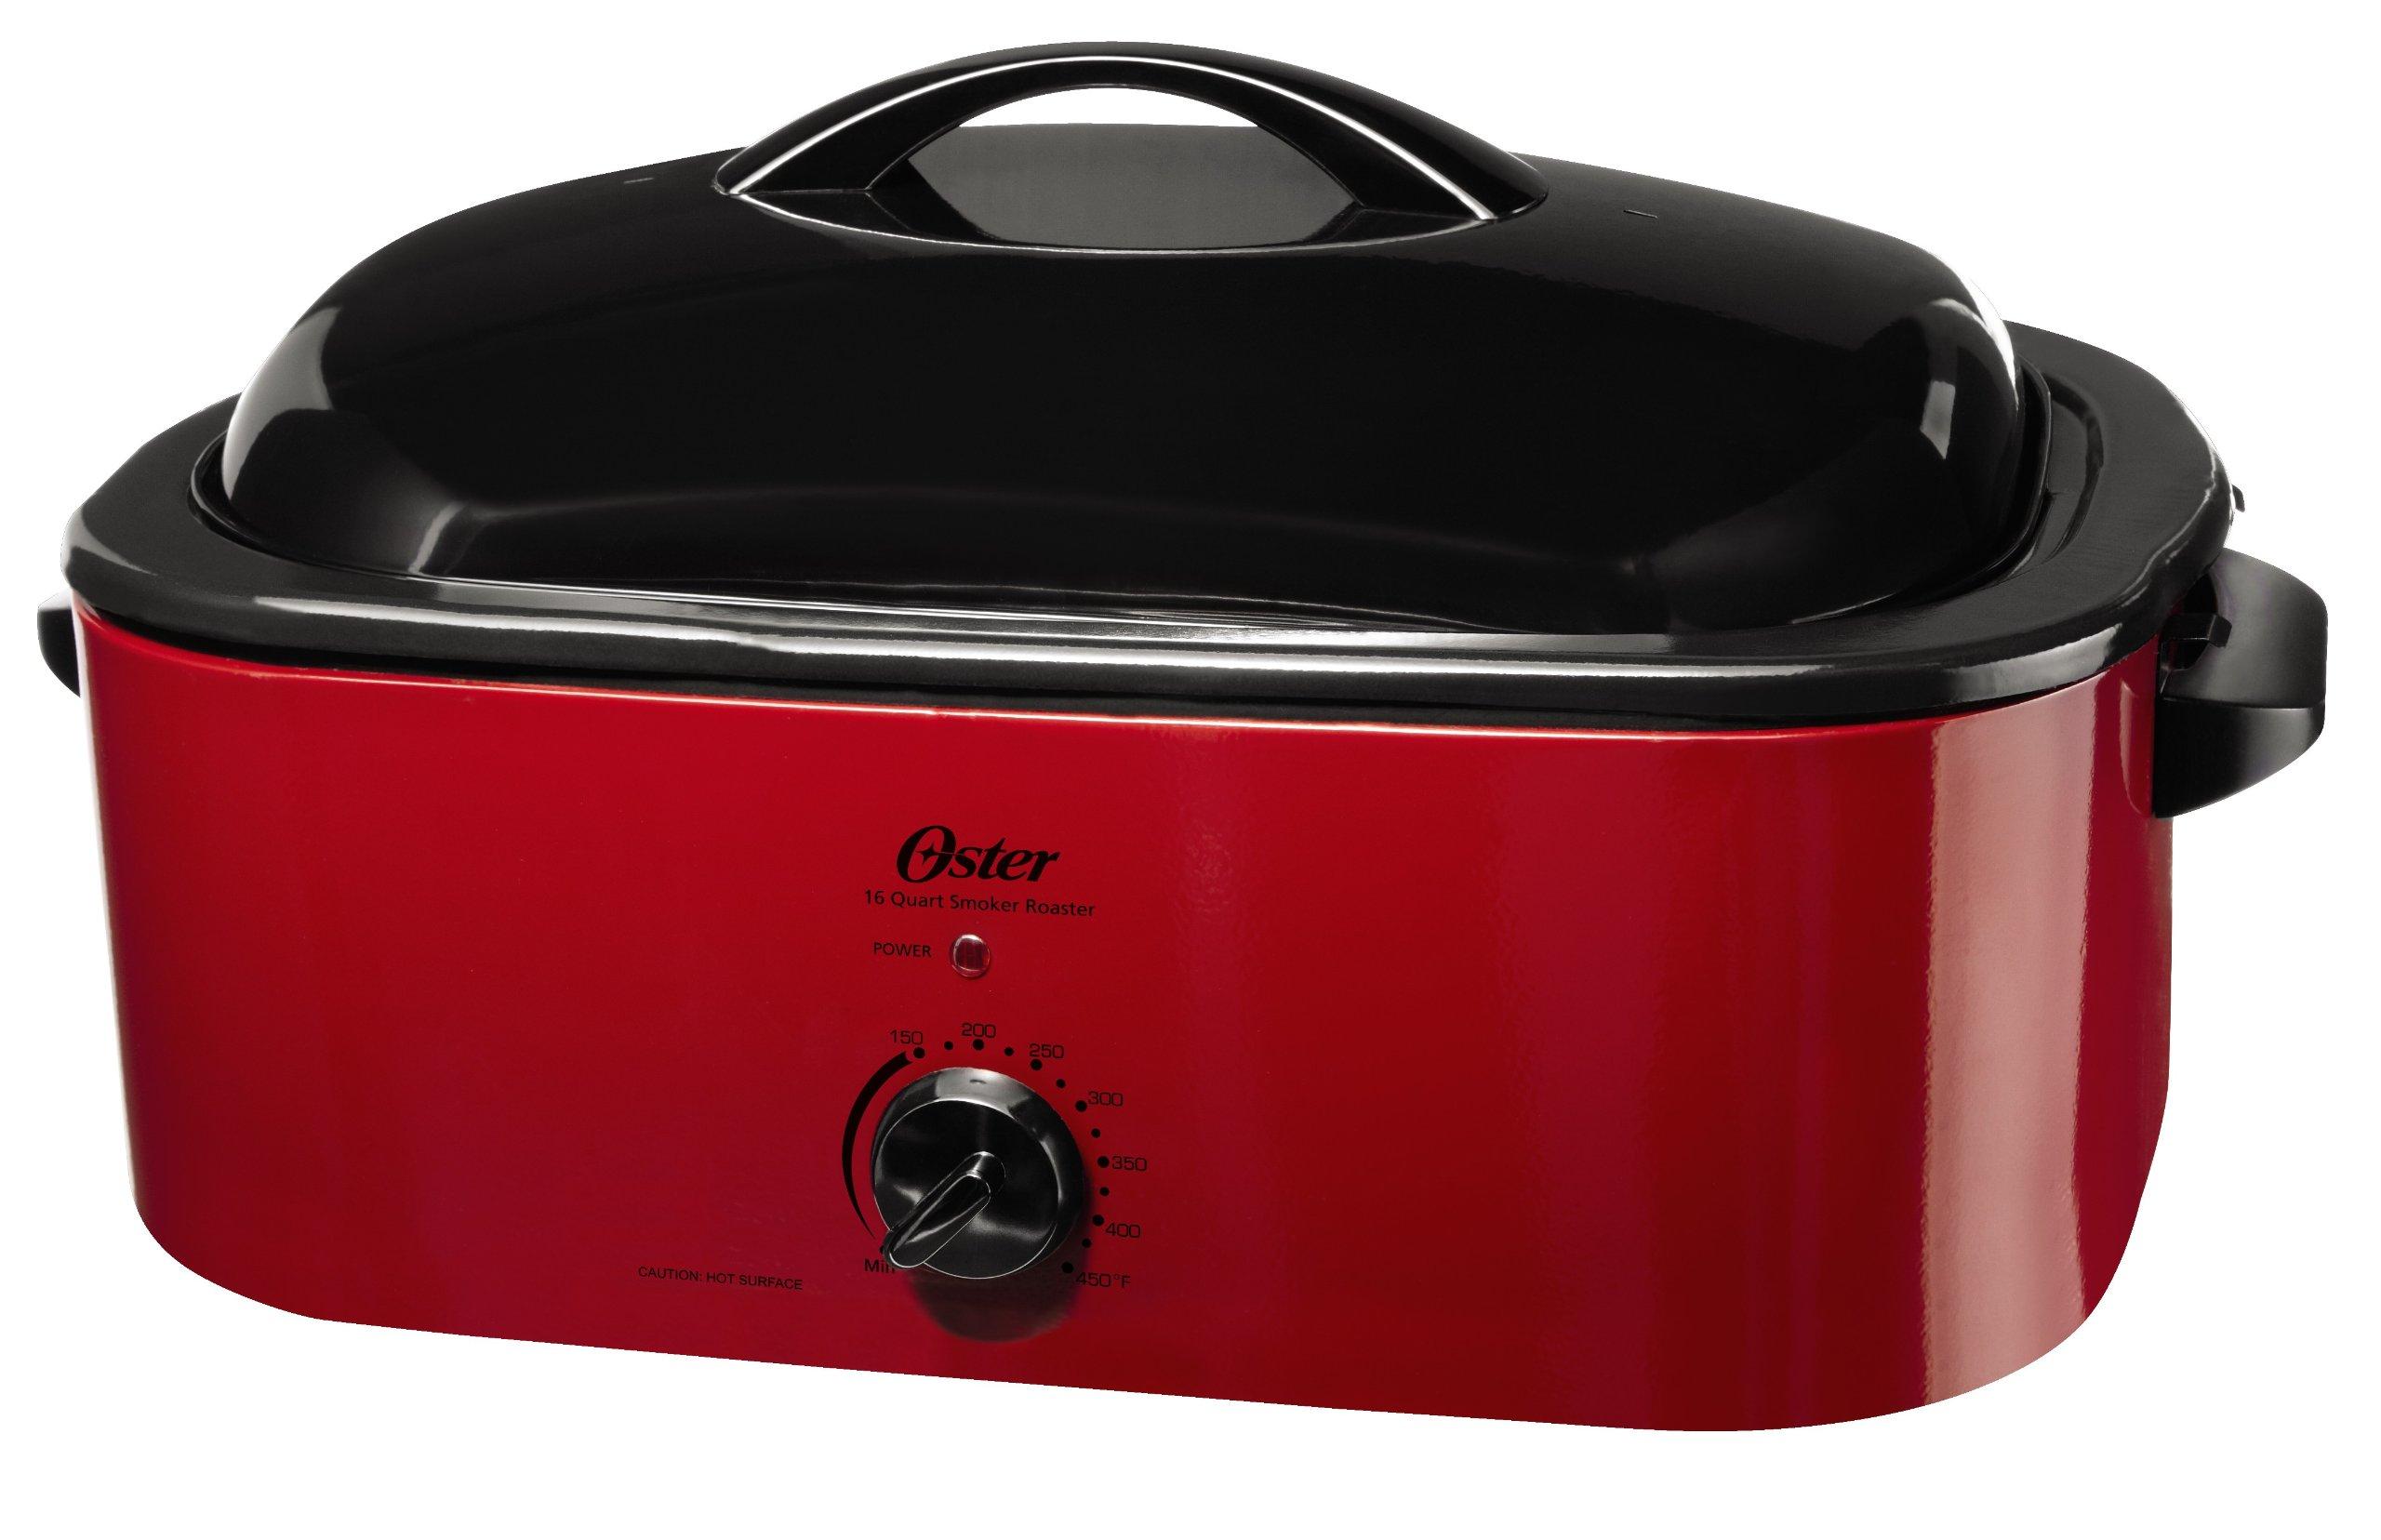 Oster Smoker Roaster Oven, 16-Quart, Red Smoke (CKSTROSMK18)